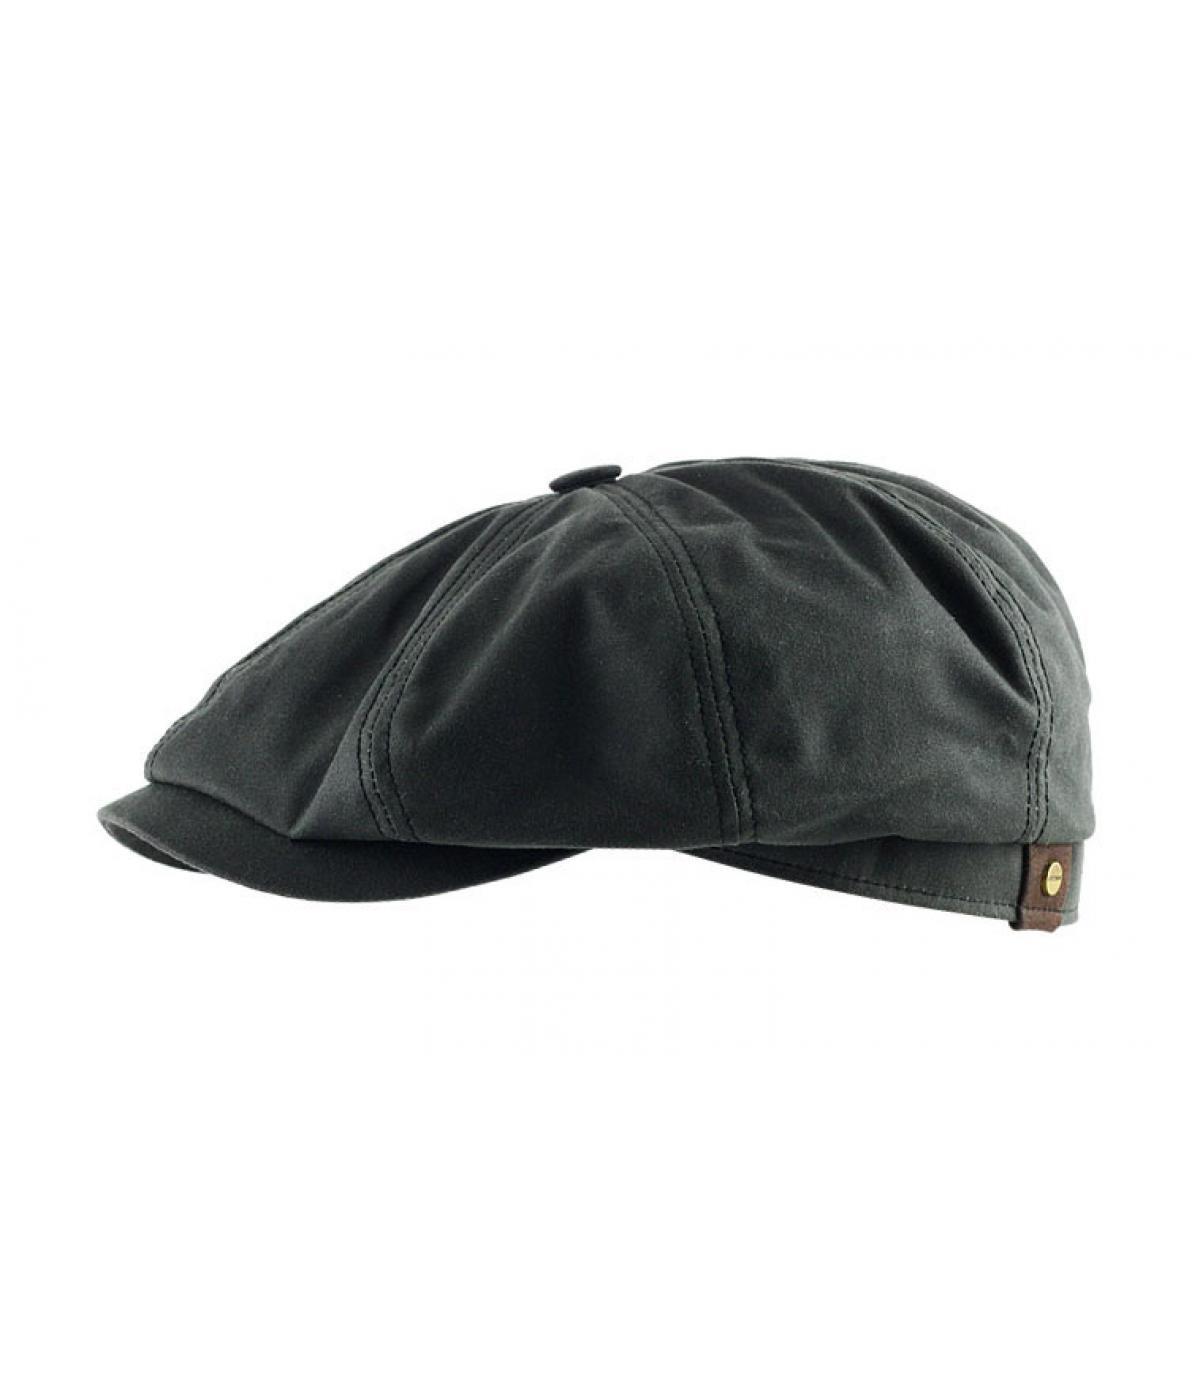 Zwarte pet Hatteras